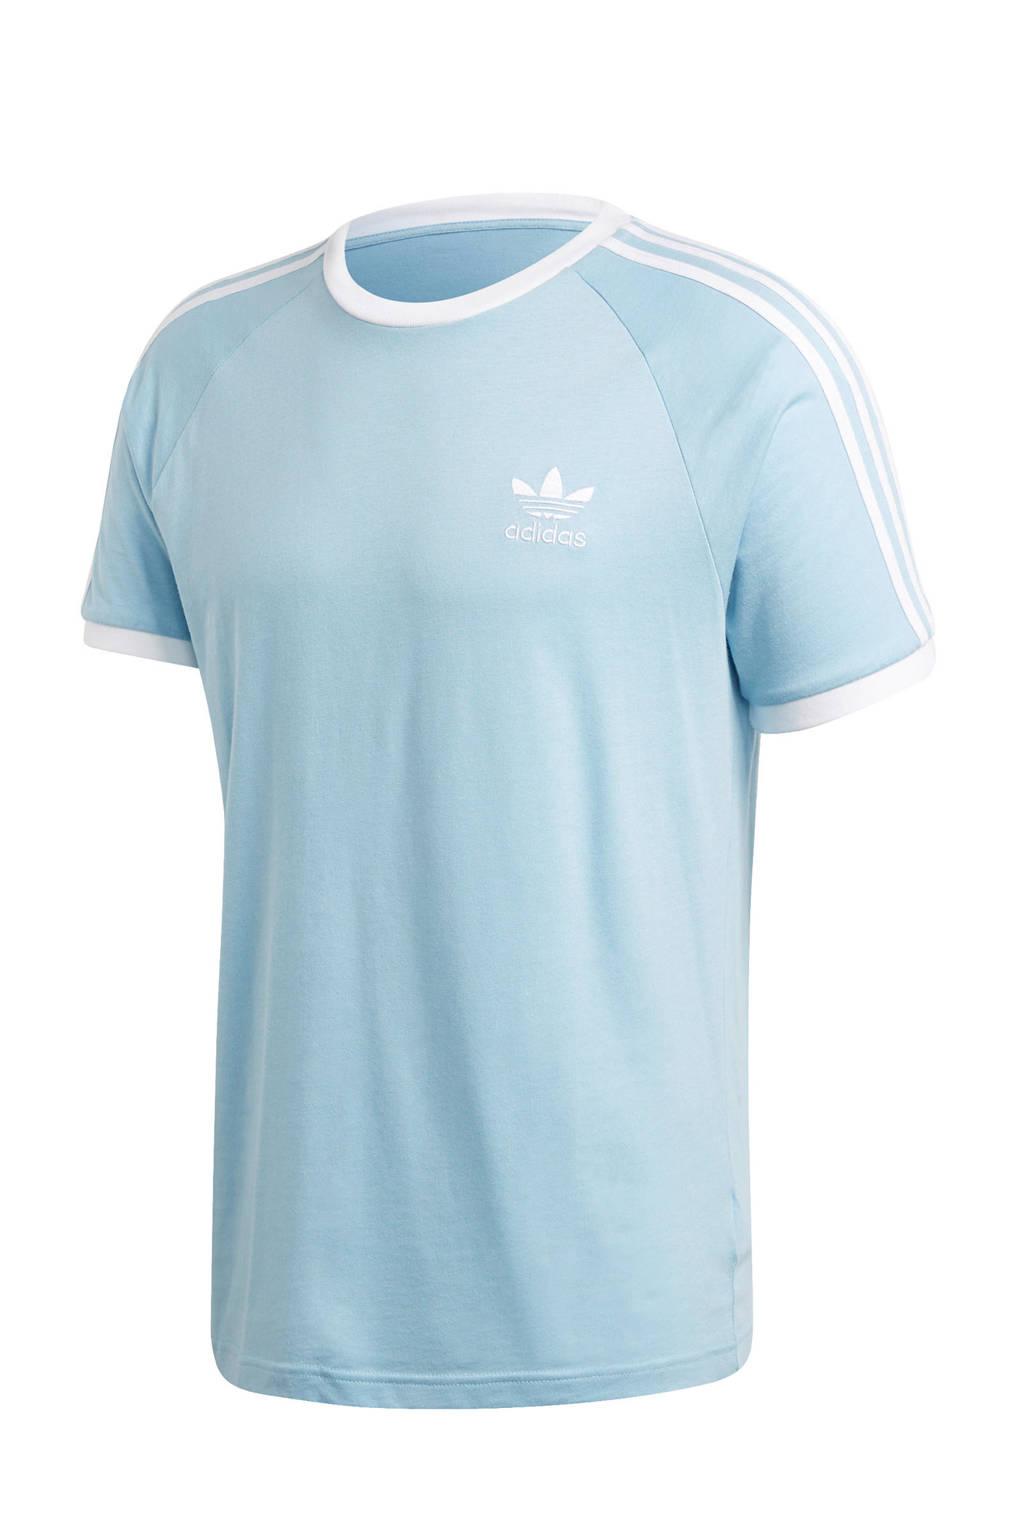 adidas Originals Adicolor T-shirt lichtblauw/wit, Lichtblauw/wit